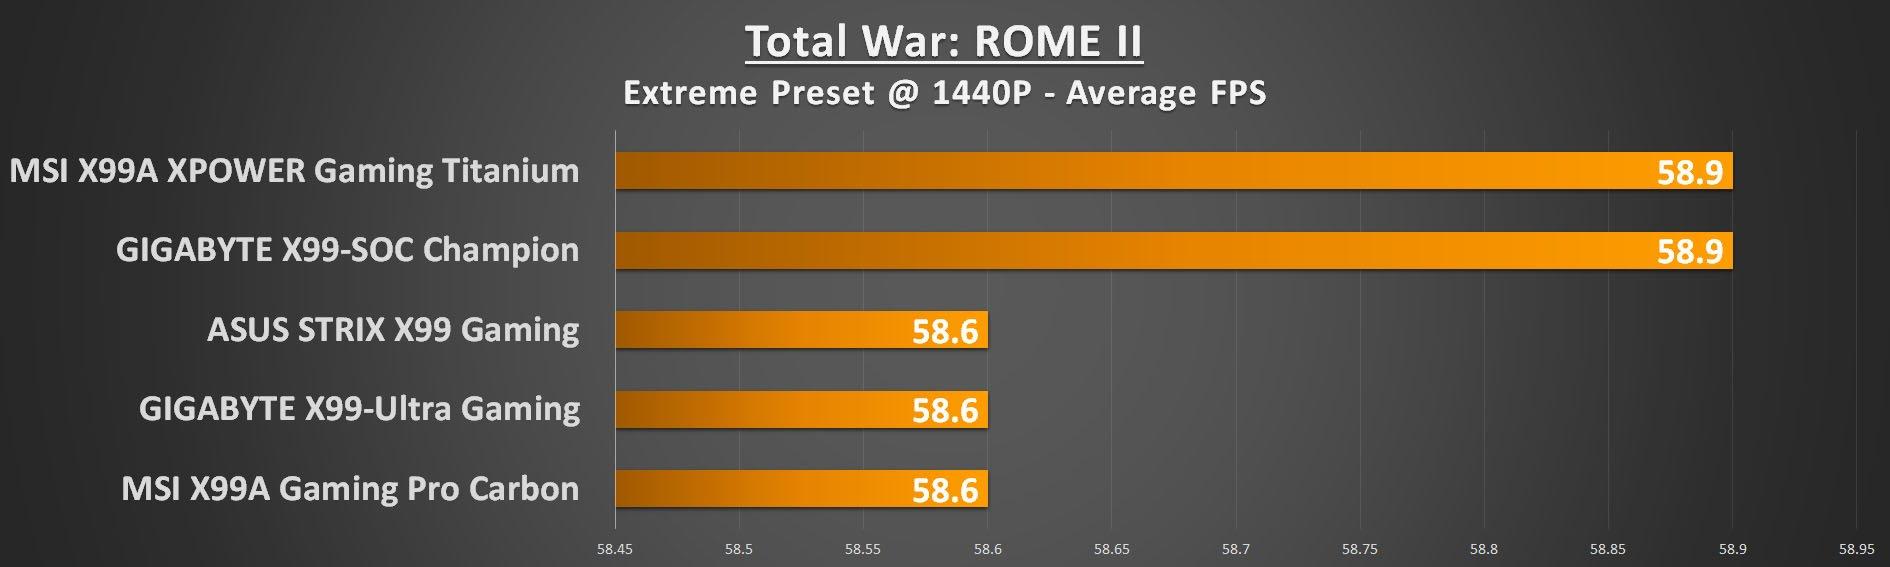 gigabyte-x99-ultra-gaming-rome-1440